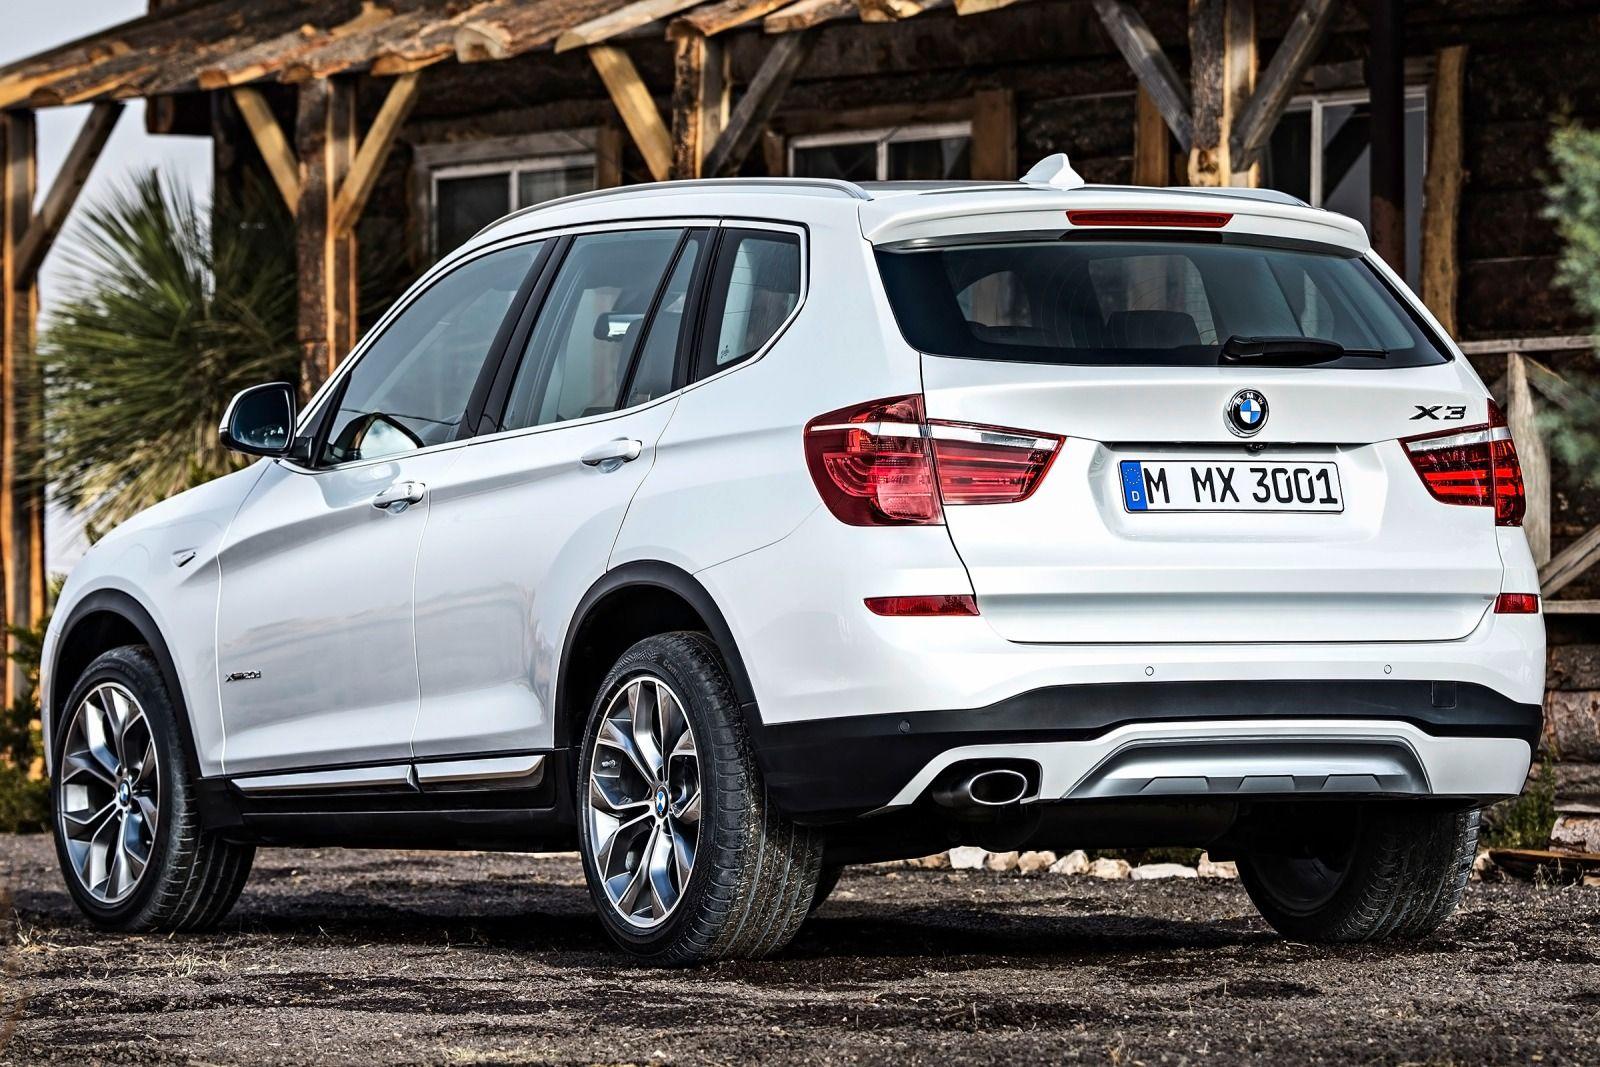 BMW đưa ra 2 tùy chọn bộ truyền lái cho X3, cả 6 xi-lanh và tự động 8 cấp